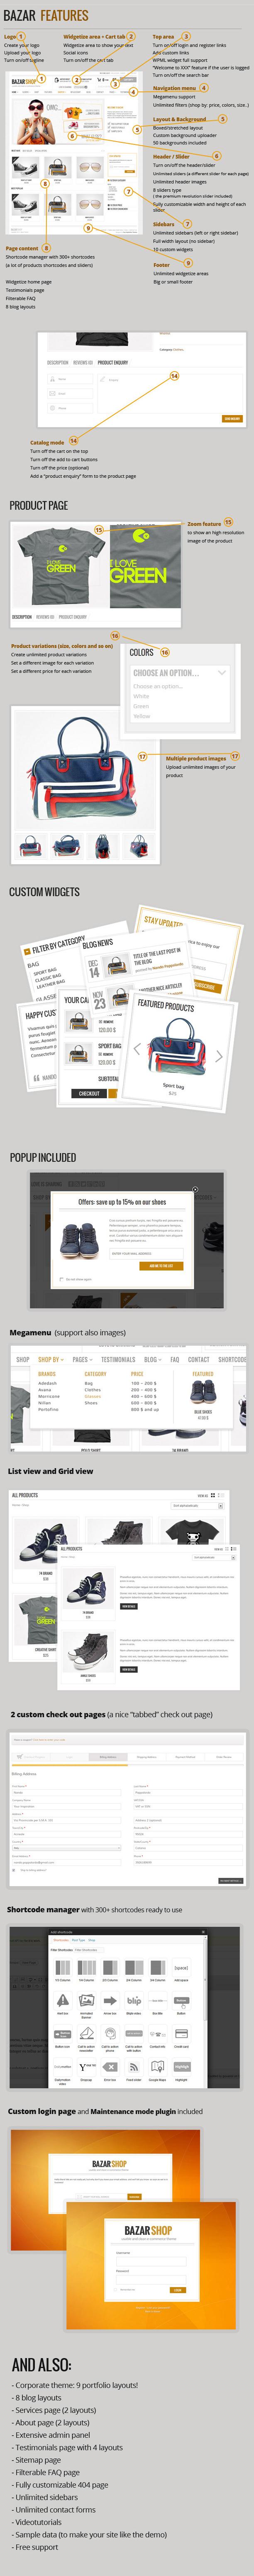 Bazar Shop - Multi-Purpose e-Commerce Theme - 3